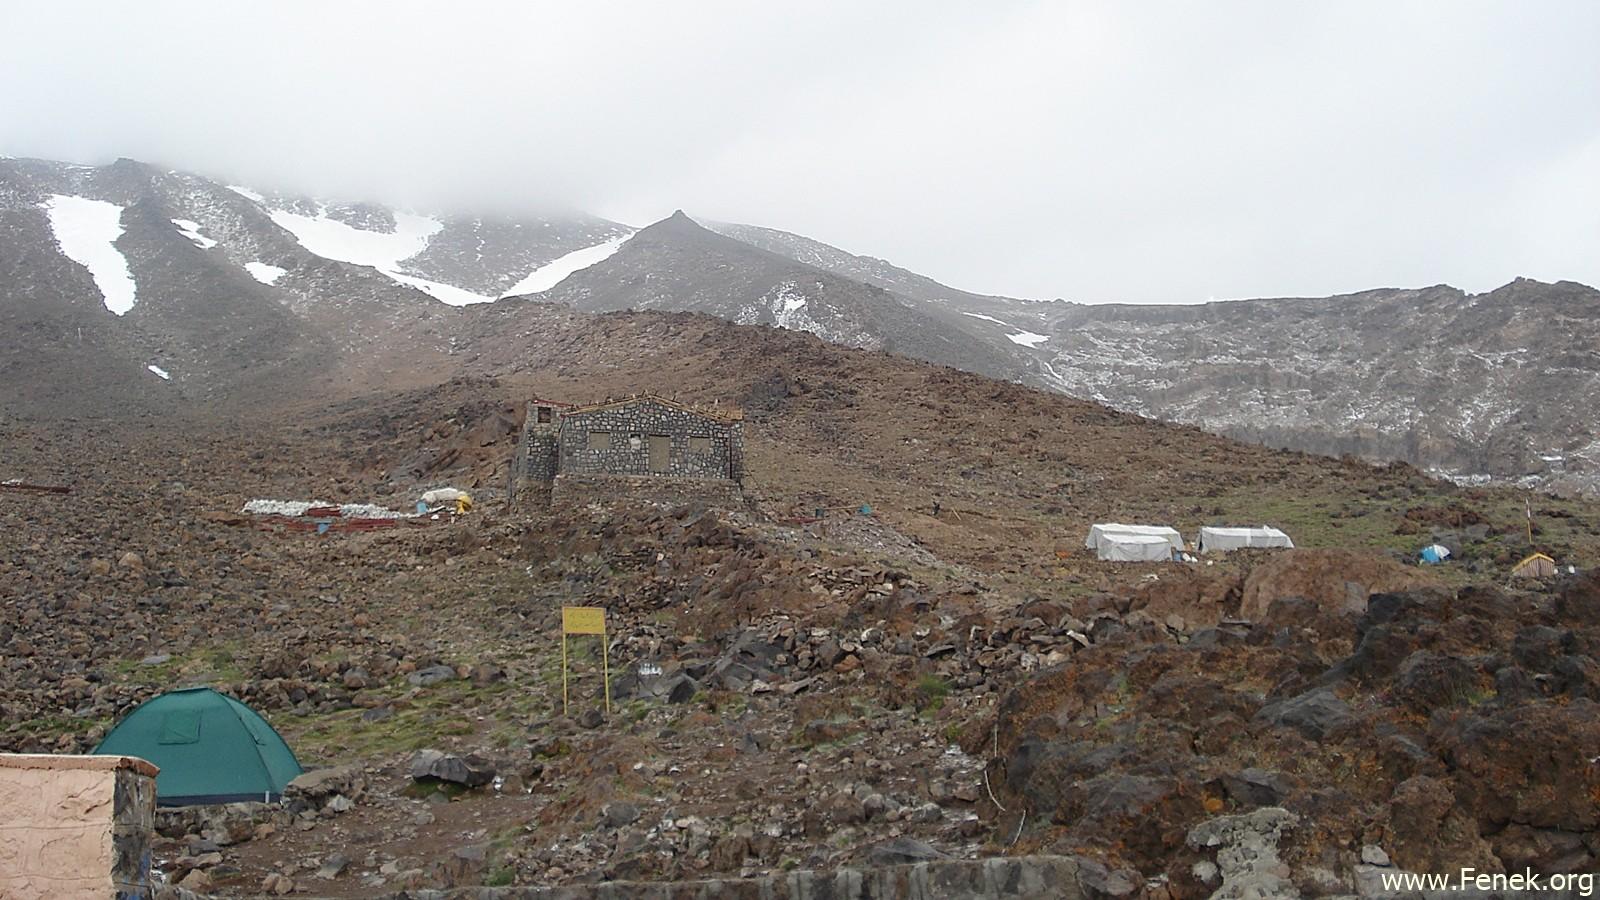 das Zeltlager auf 4'100m - die Hütte war im Bau und geschlossen